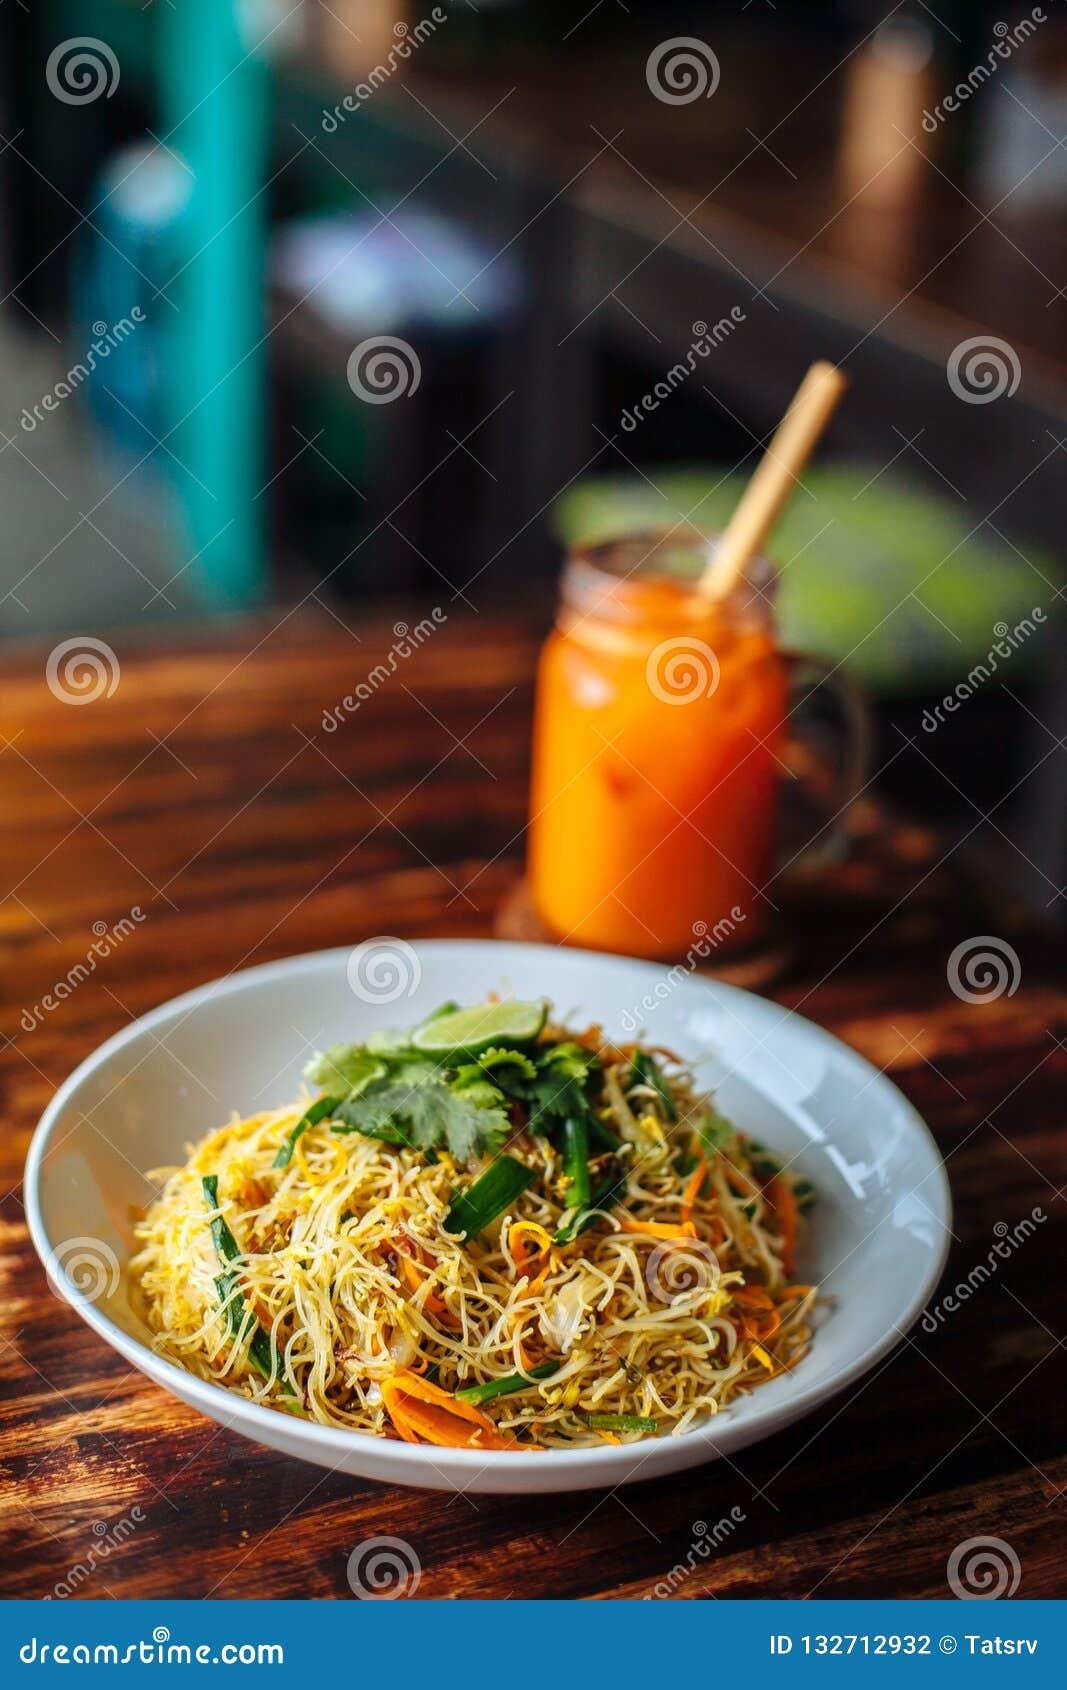 健康素食与红萝卜橙色圆滑的人的素食主义者菜单可口新加坡样式混乱炒米米线在木桌上